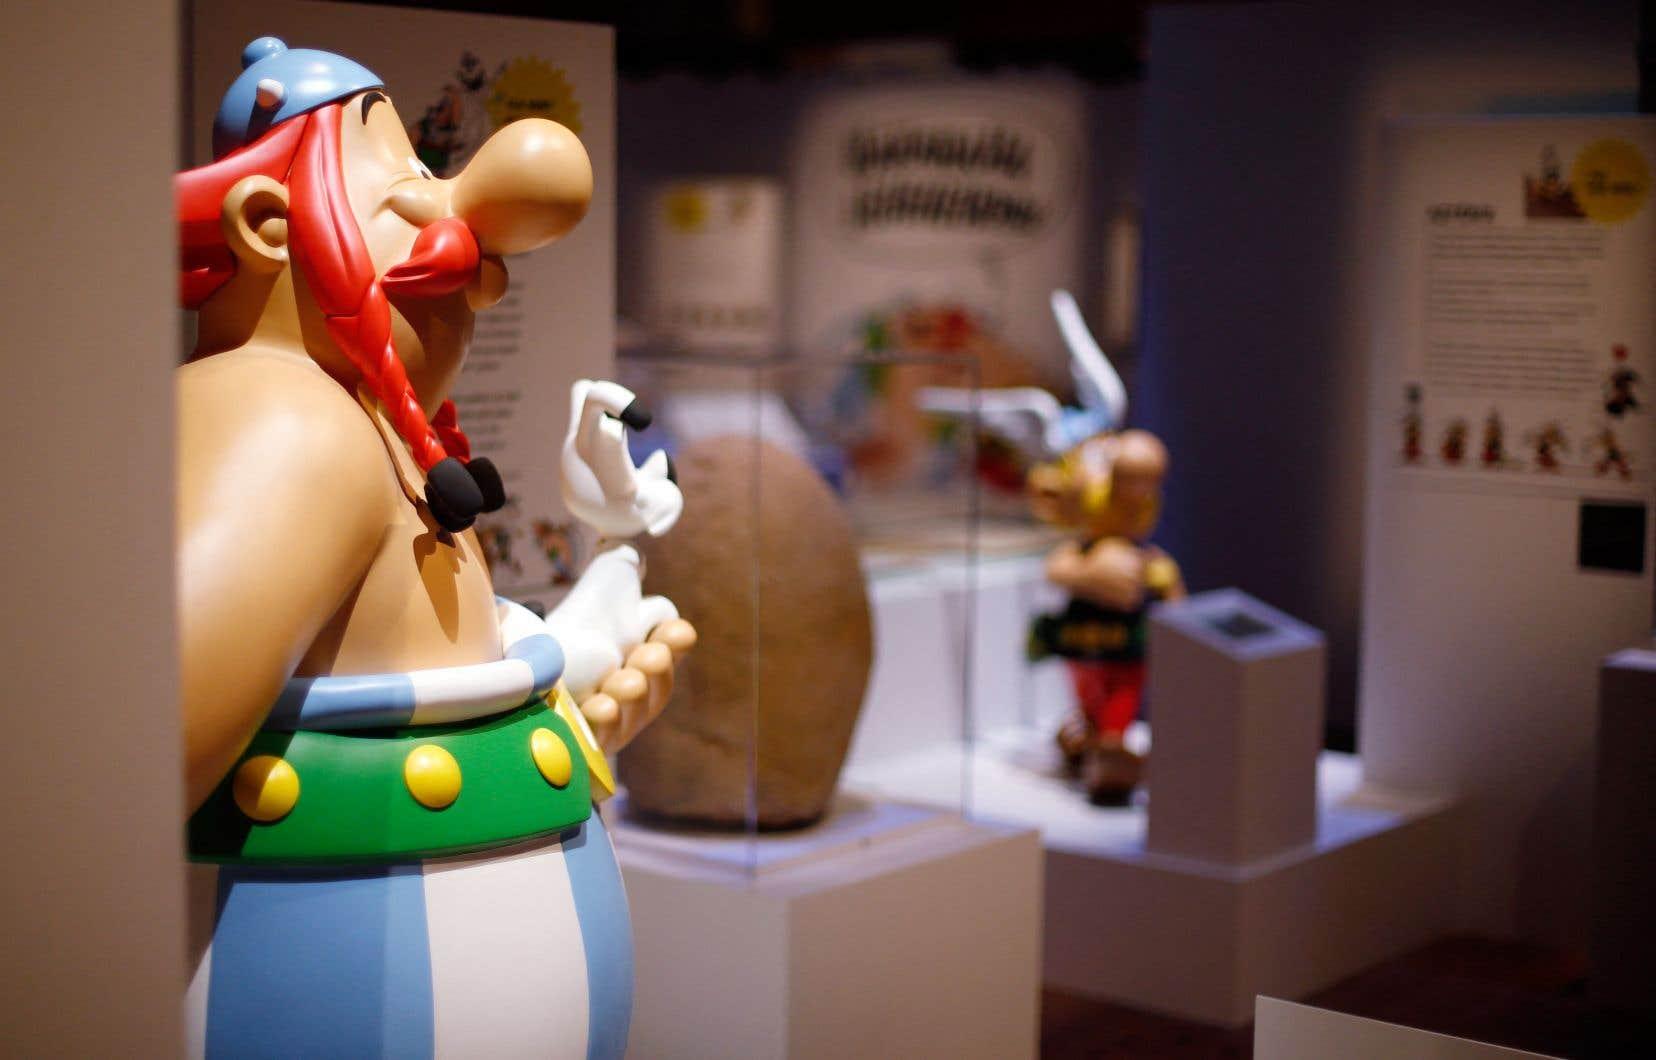 Idéfix et les Irréductibles est aussi le concept d'une série animée de 52 épisodes qui doit être diffusée sur France Télévisions à partir de septembre.